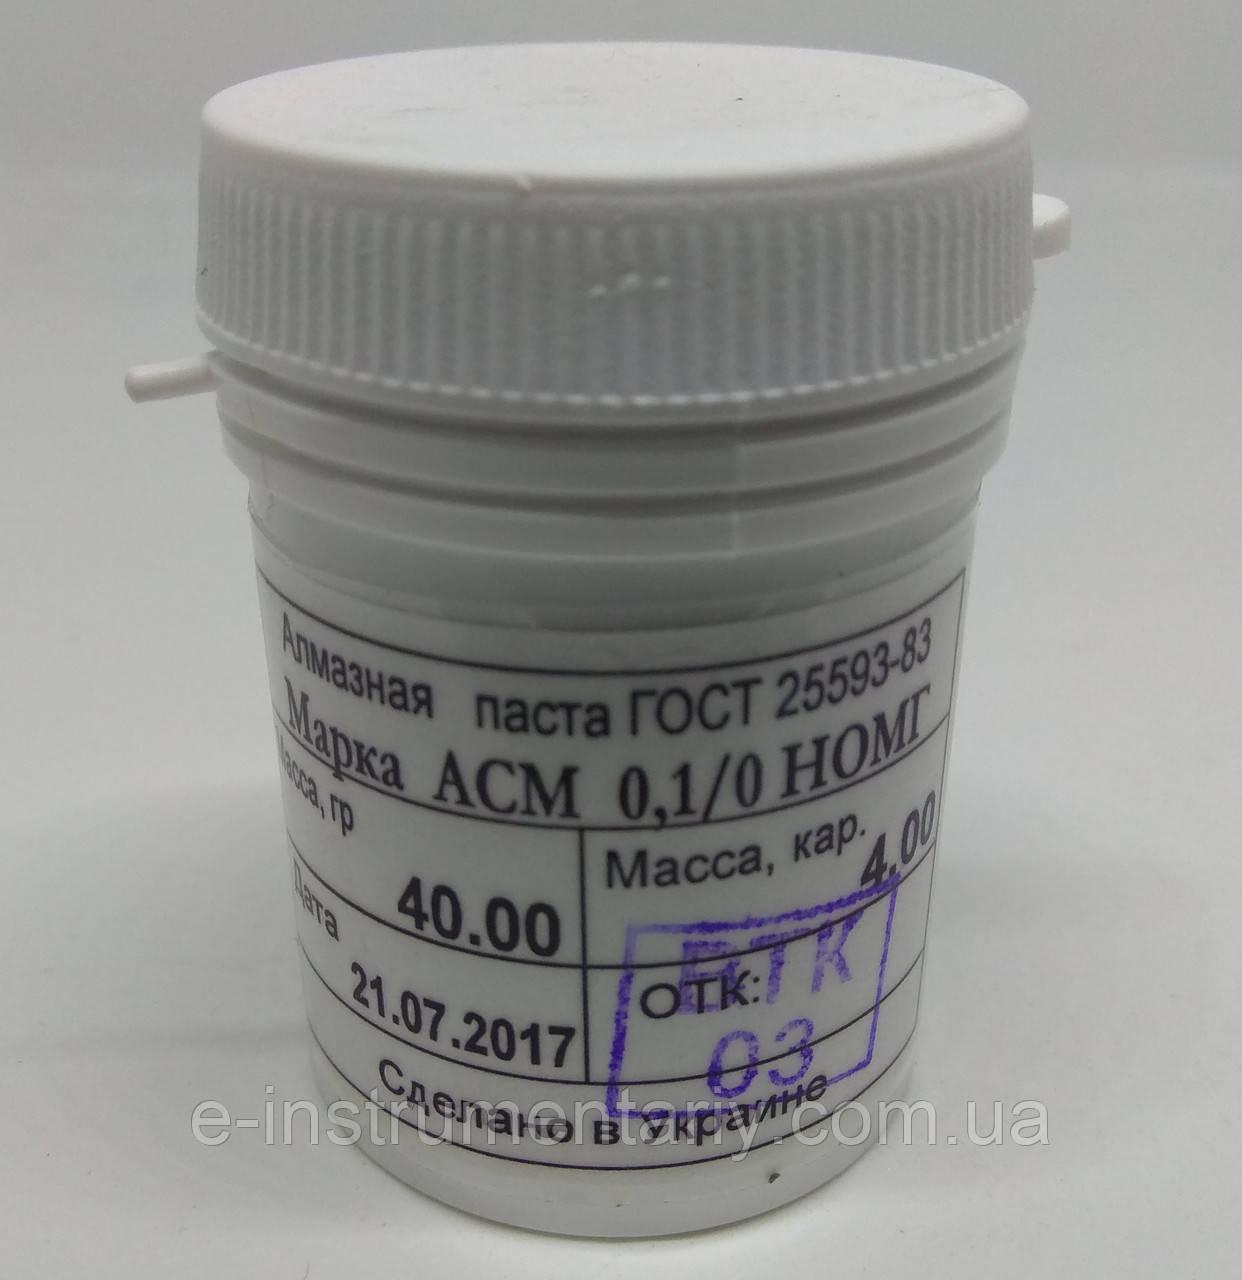 Паста алмазная для обработки металлов АСМ 0,1/0 НОМГ. 40гр